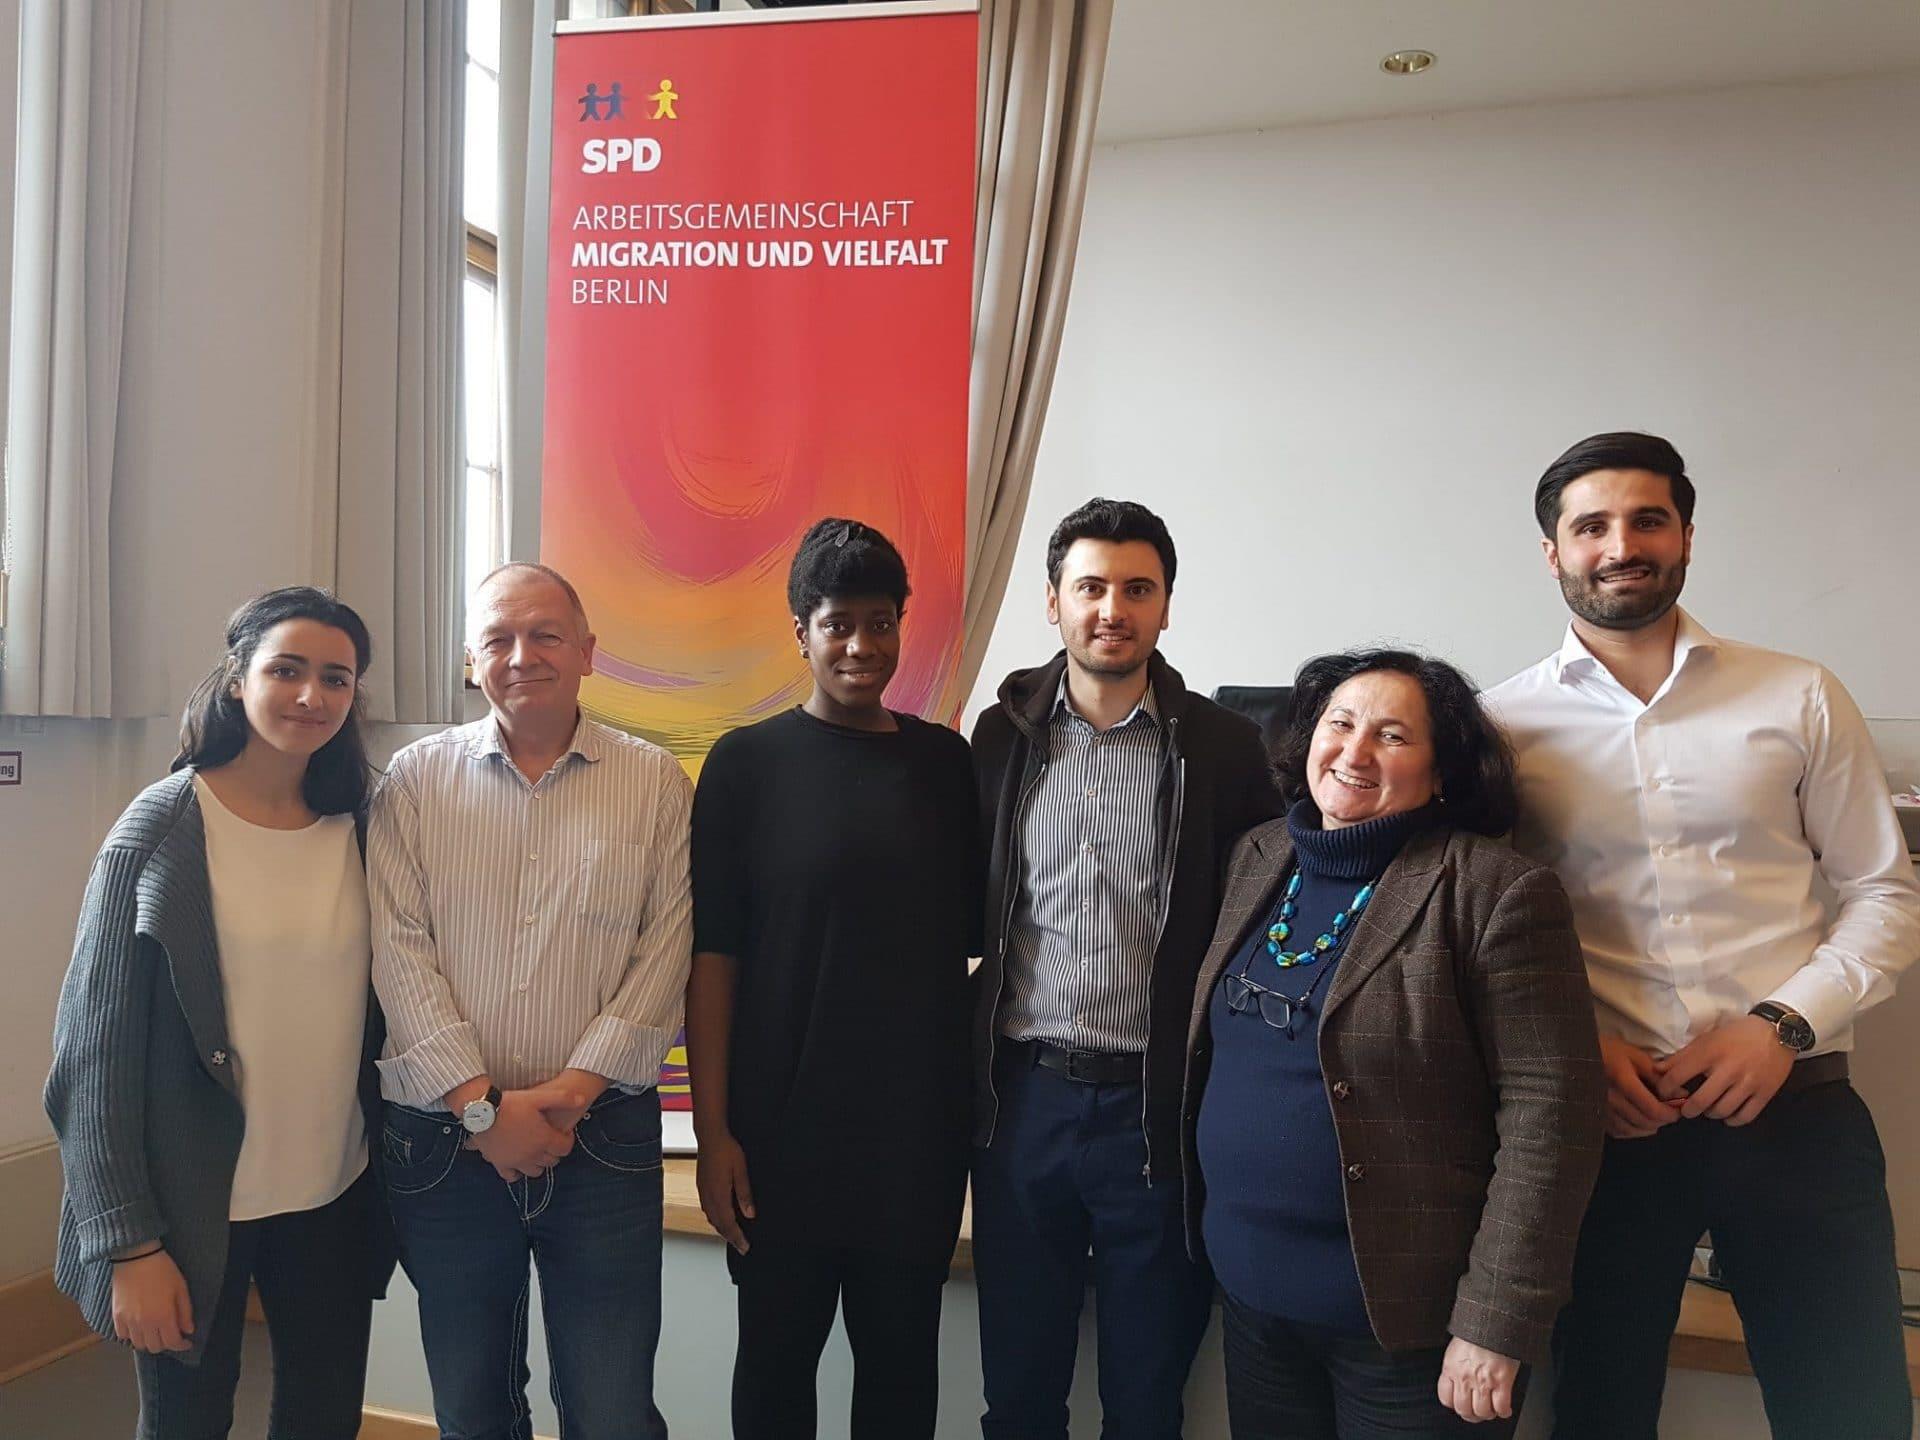 Vorstand der AG Migration und Vielfalt Berlin